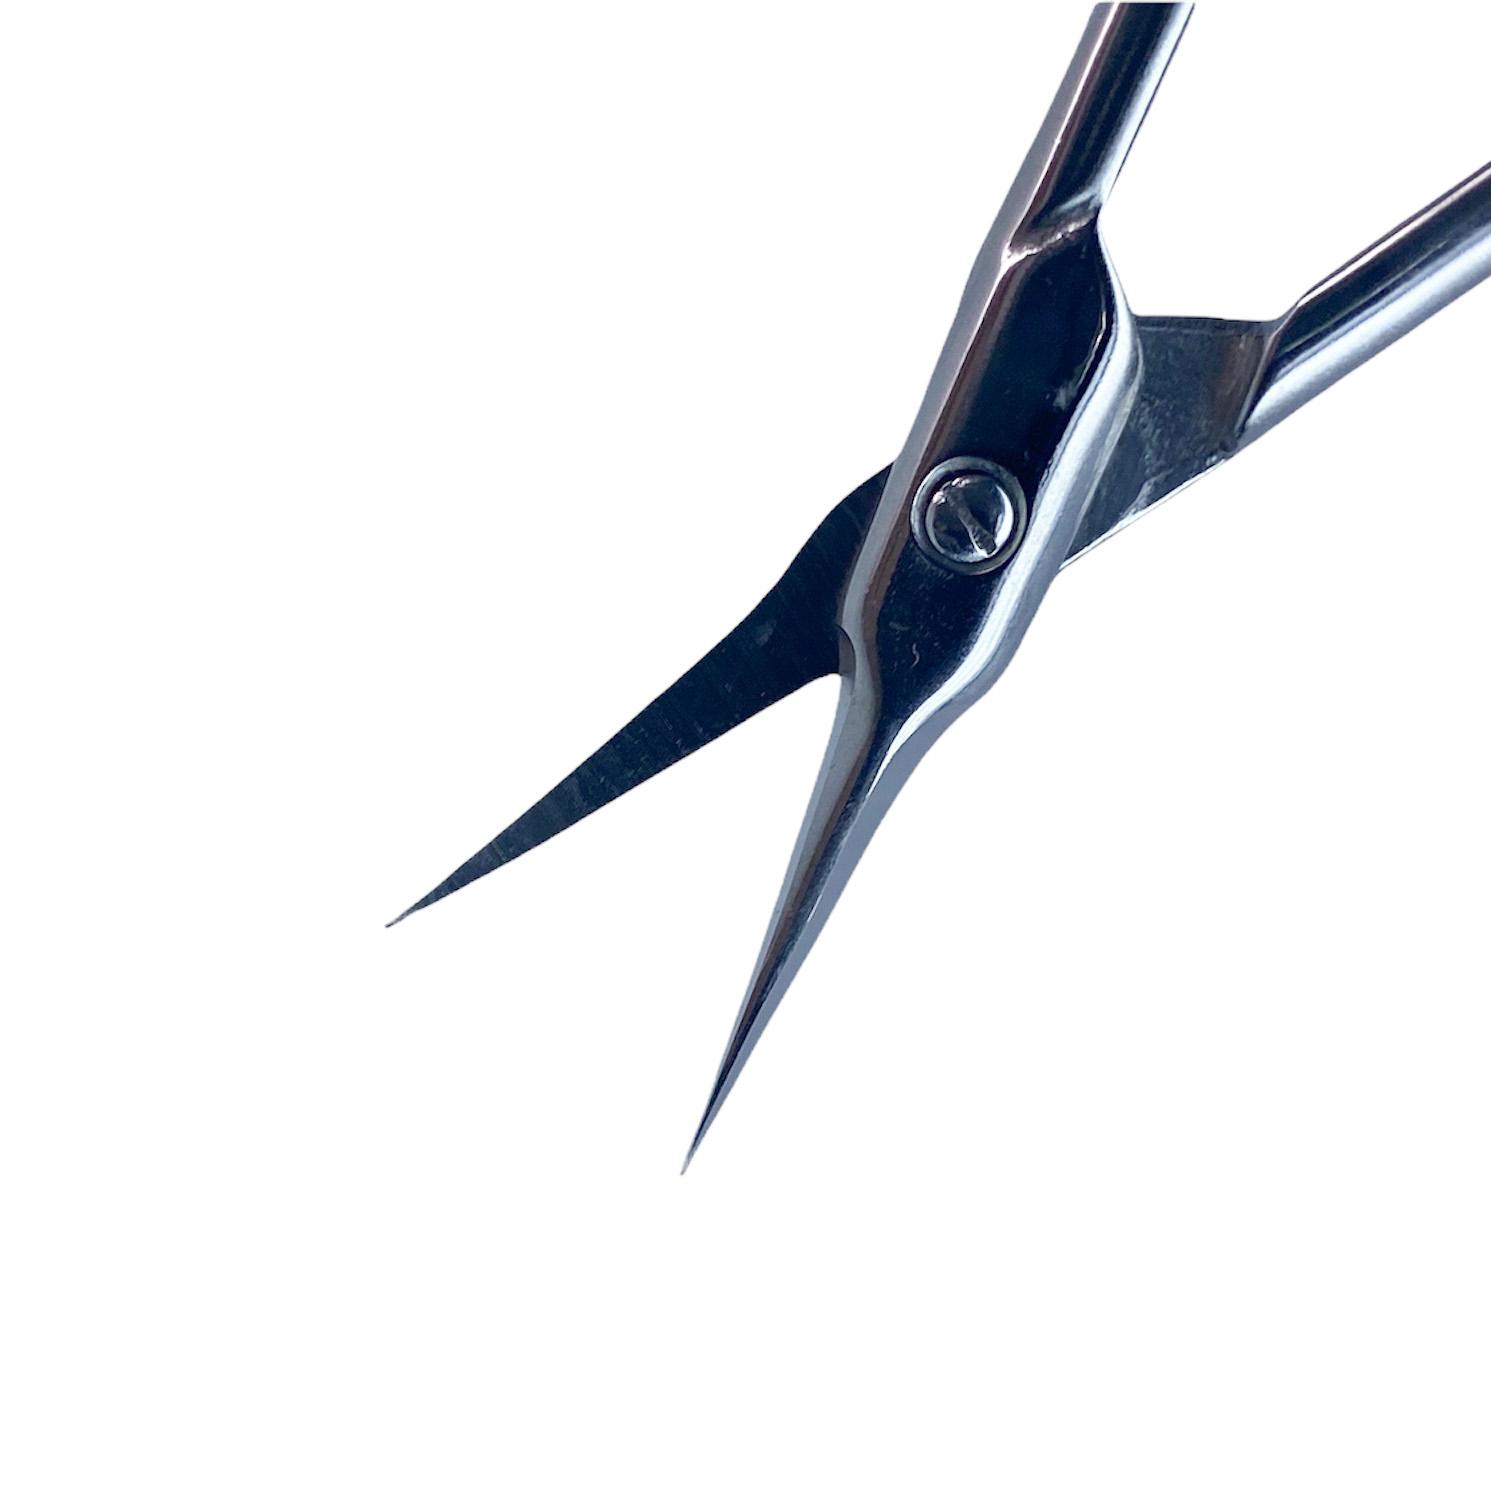 Nagelbandssax